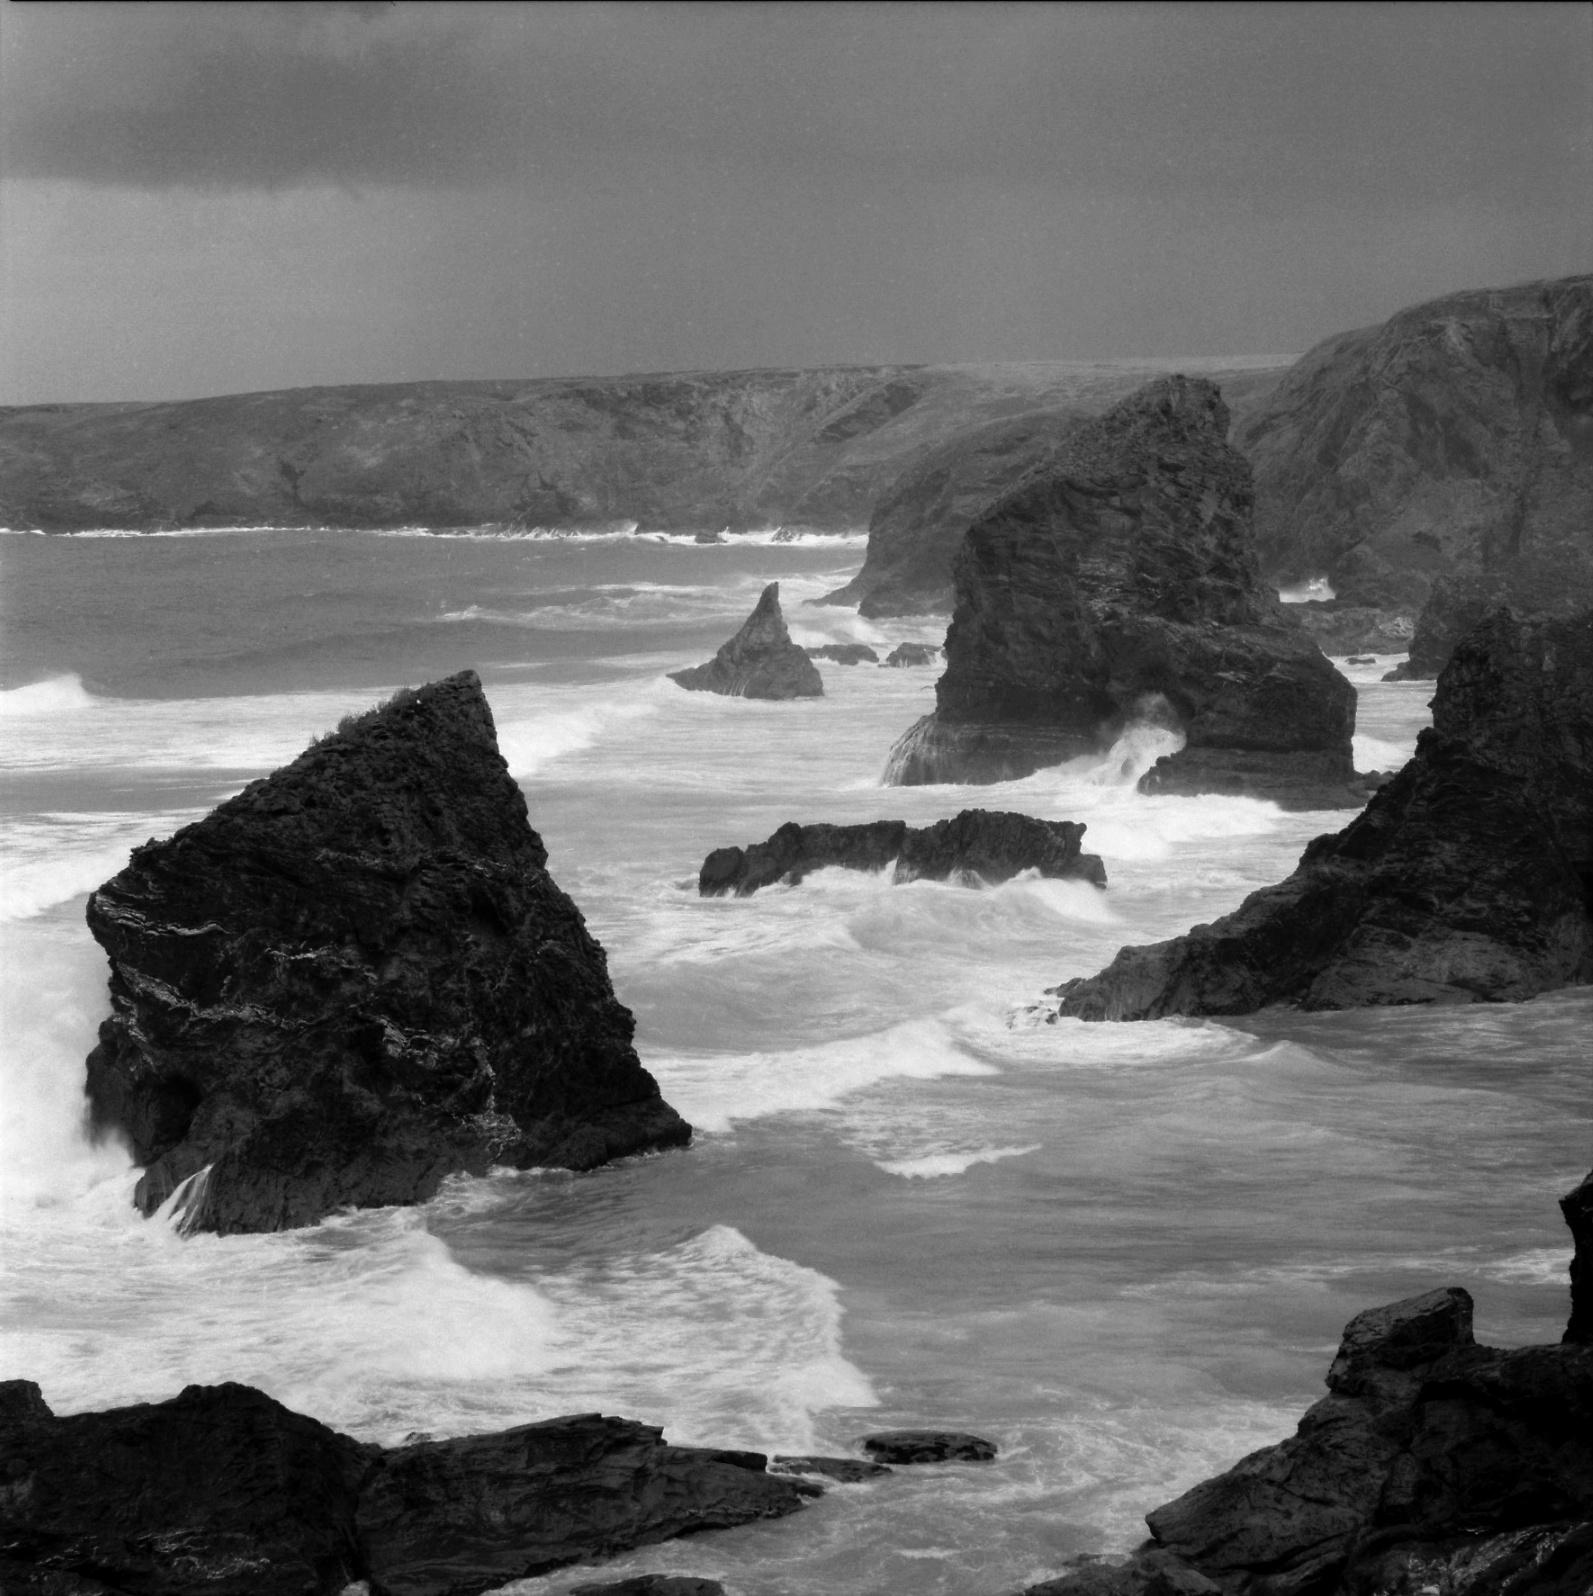 North Devon Coast near Zennor